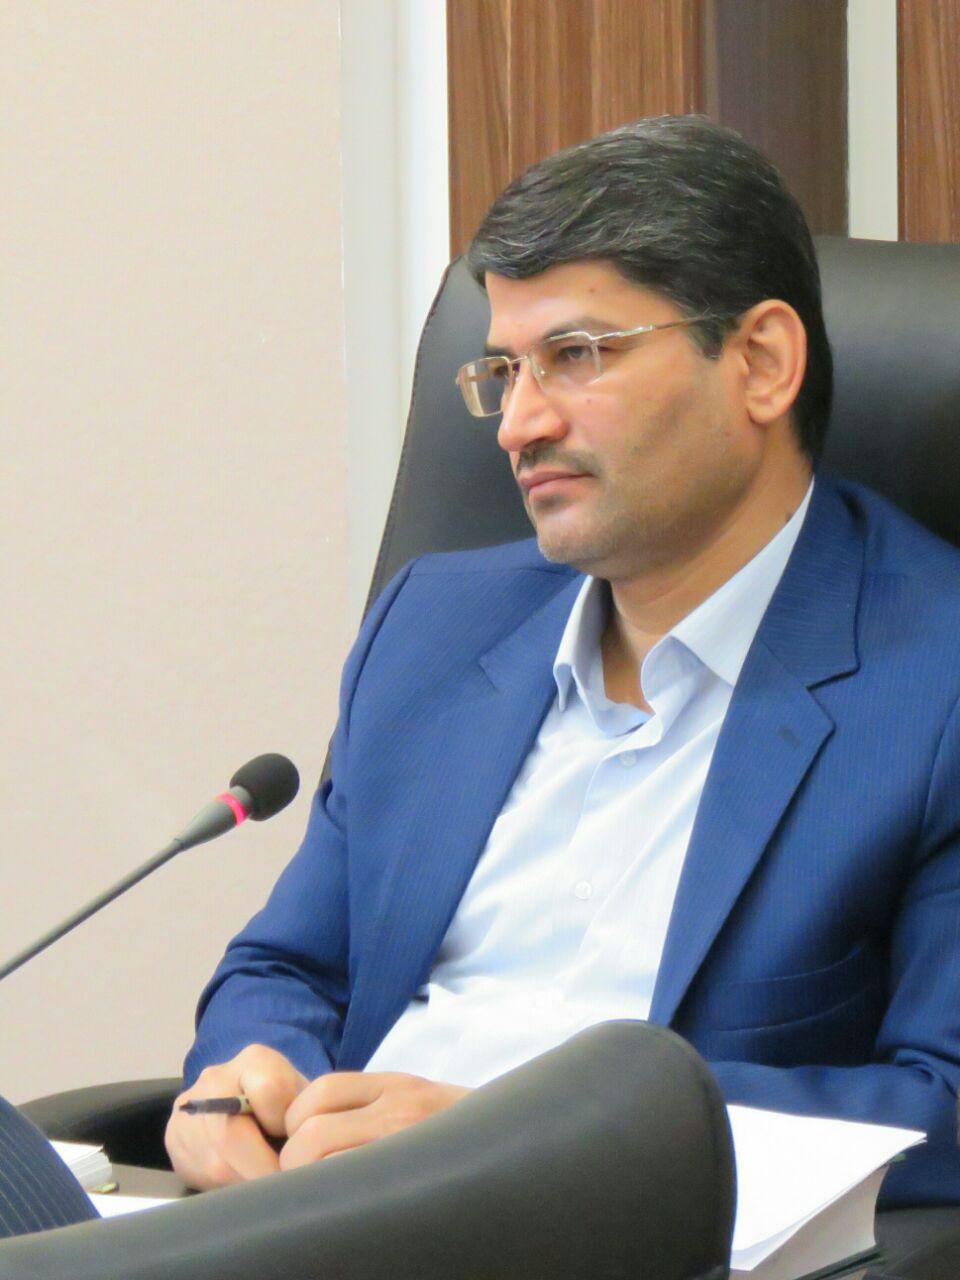 پیام ریيس دستگاه قضا شهرستان جم به مناسبت هفته دولت